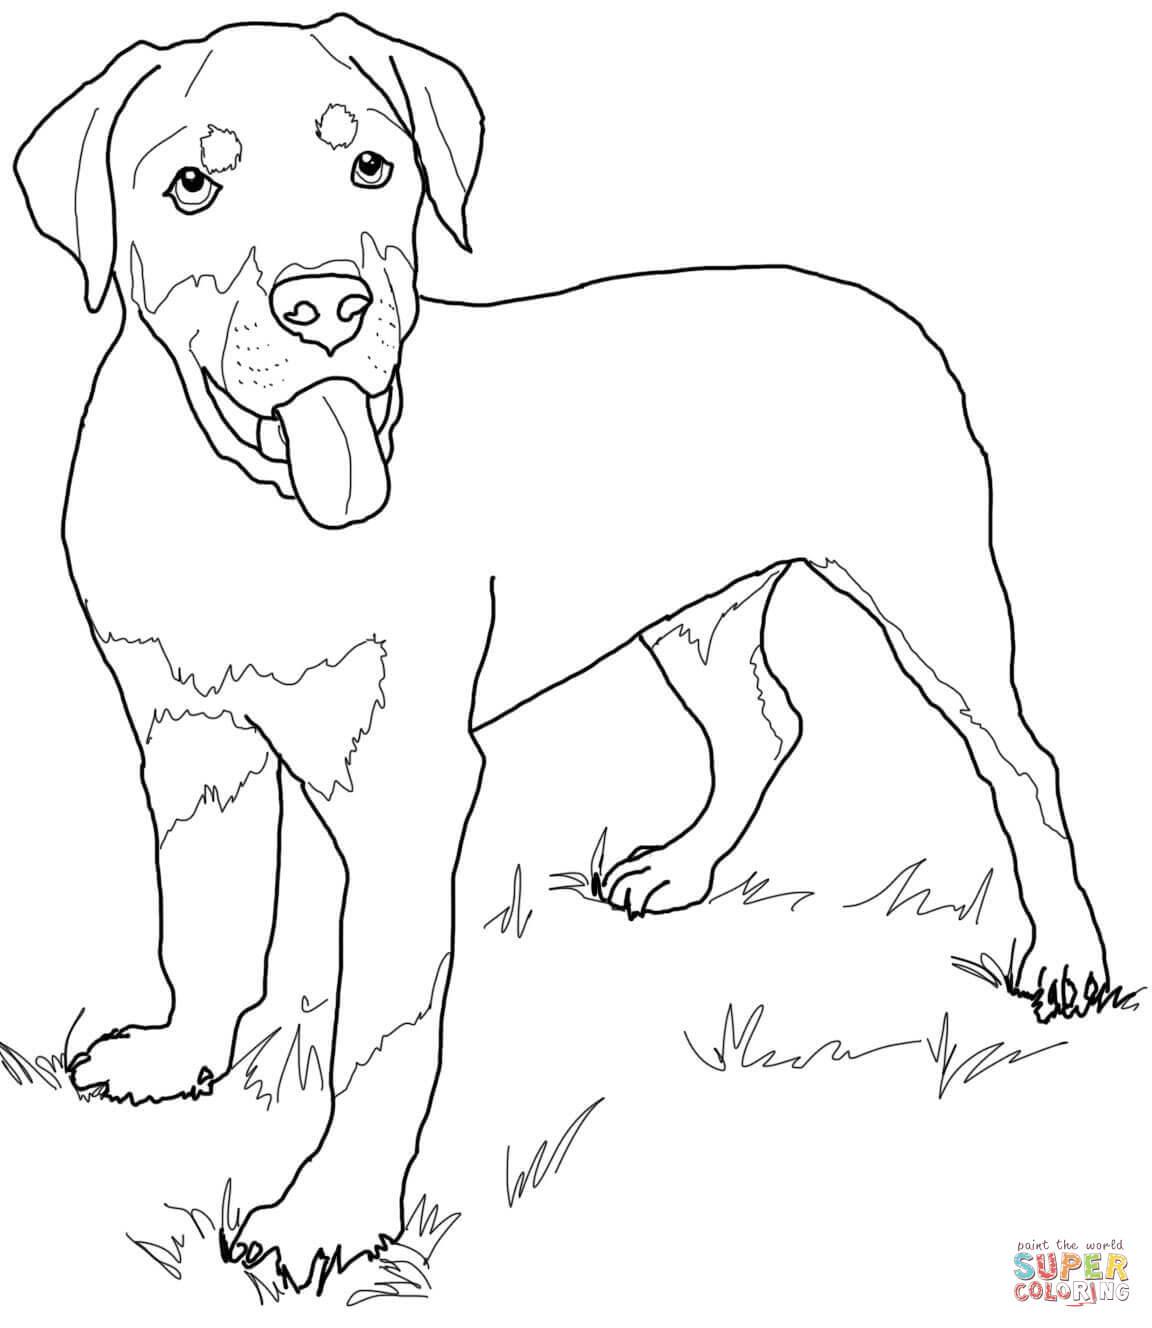 Kleurplaten Honden Labrador.Alleen Kleurplaat Hond Puppy Krijg Duizenden Kleurenfoto S Van De